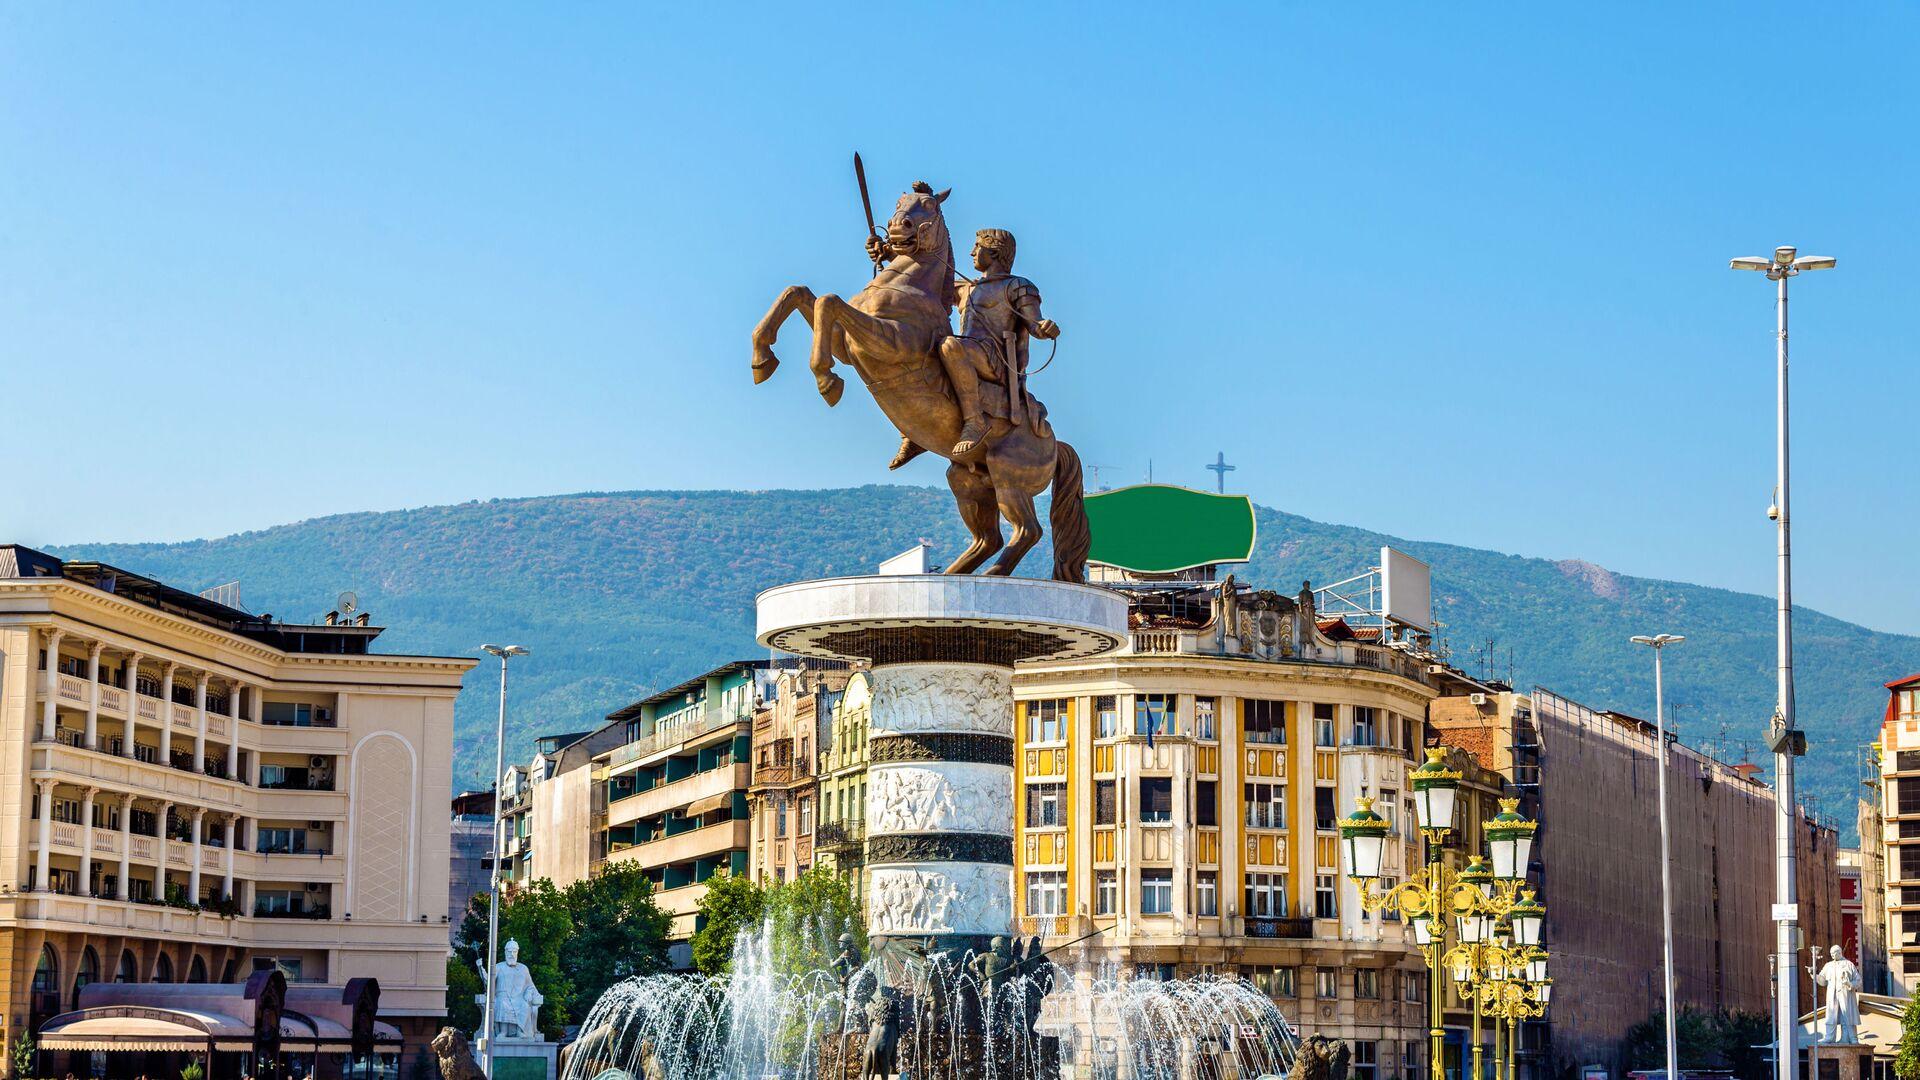 Вид на площадь в македонском городе Скопье  - Sputnik Česká republika, 1920, 18.05.2021